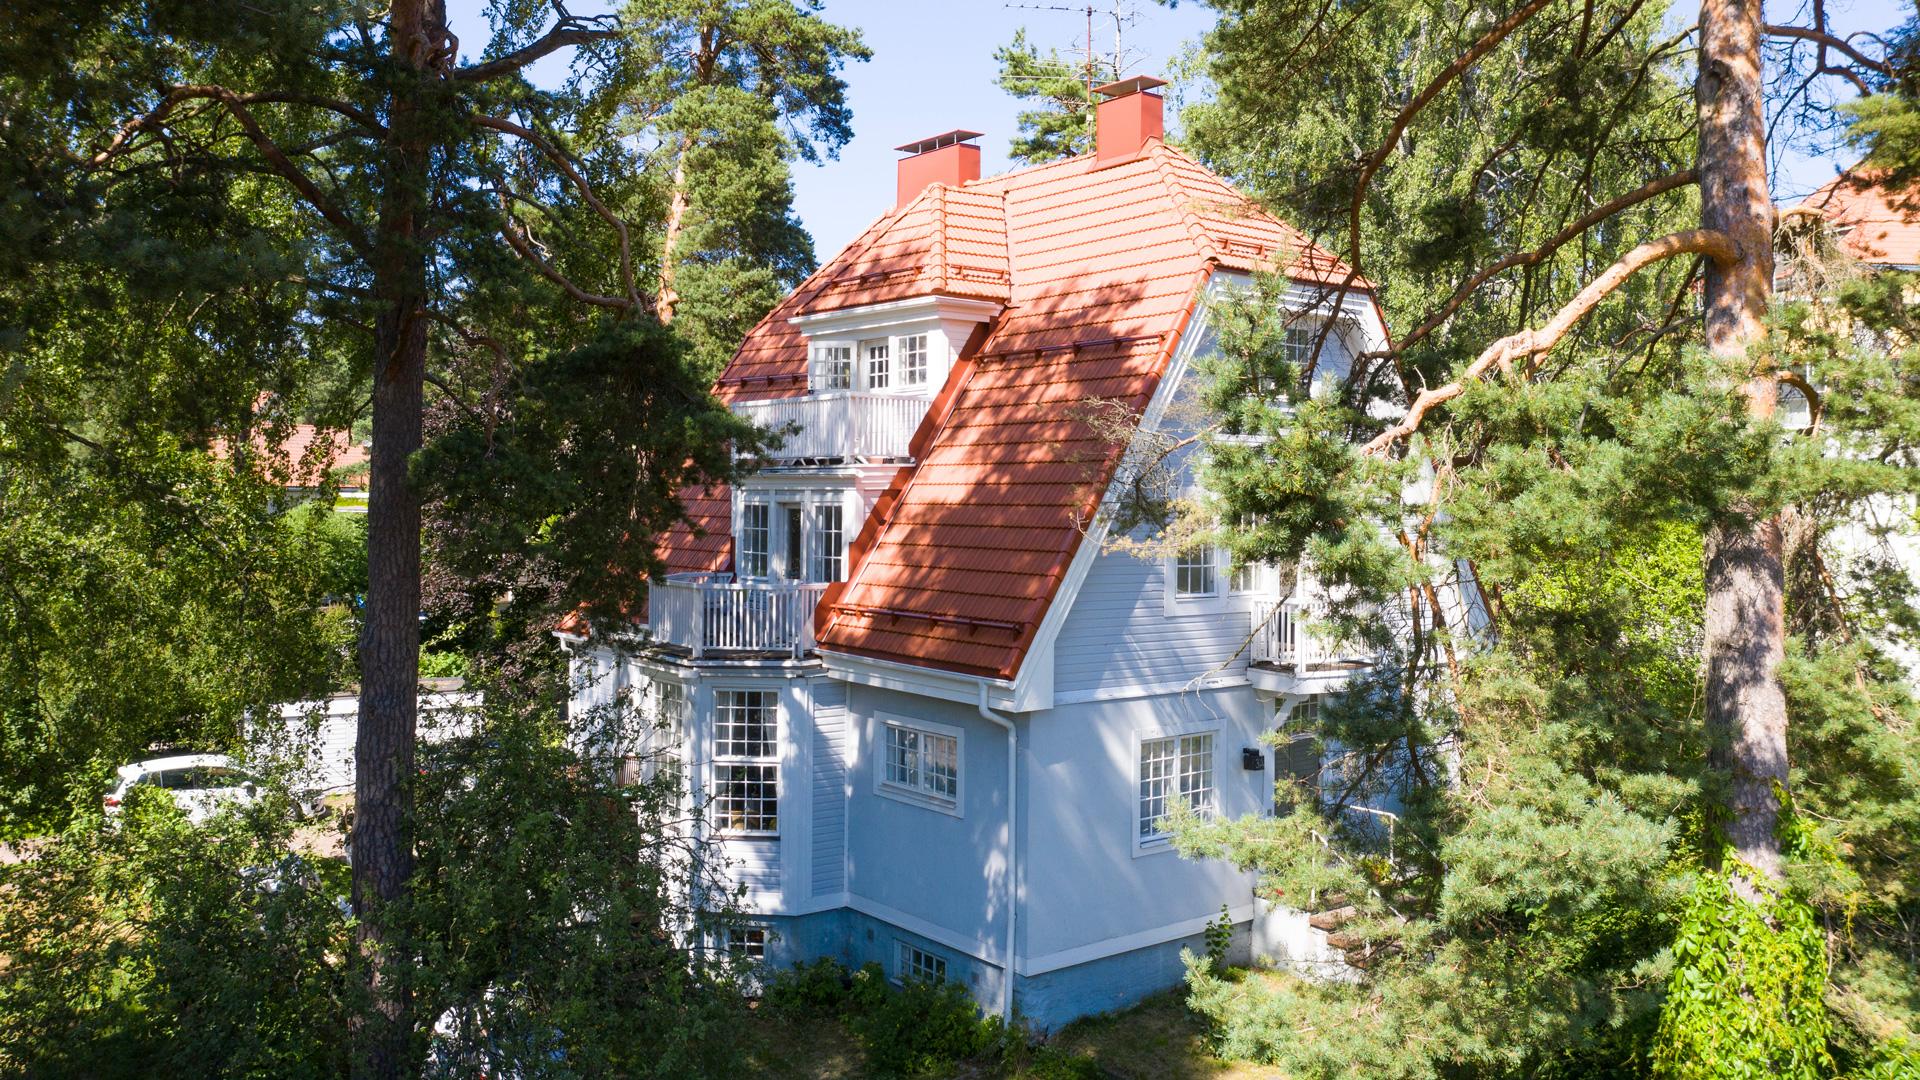 Granfeltintie, Helsinki